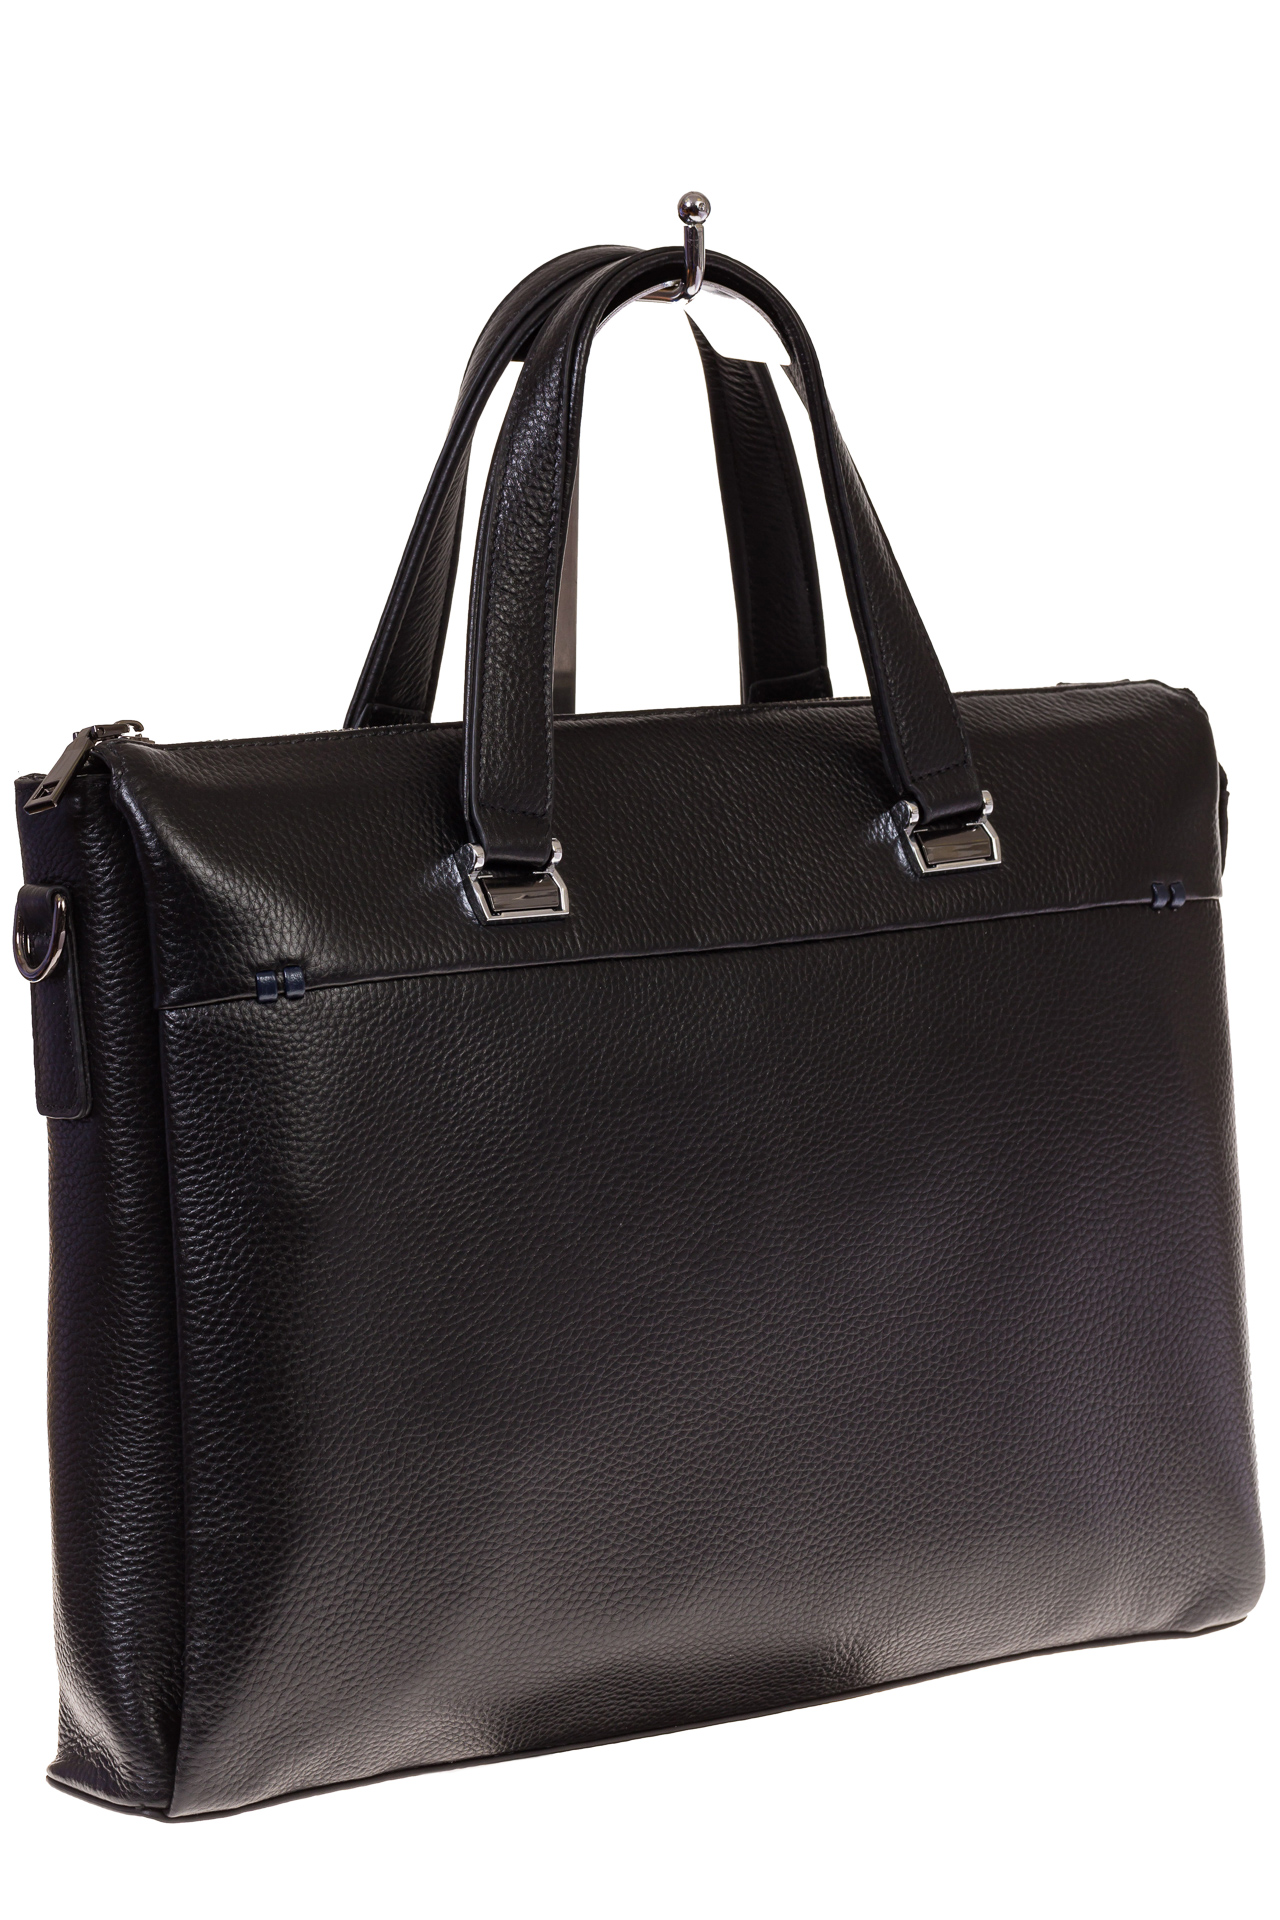 На фото черный мужской портфель из текстурной натуральной кожи, оптом